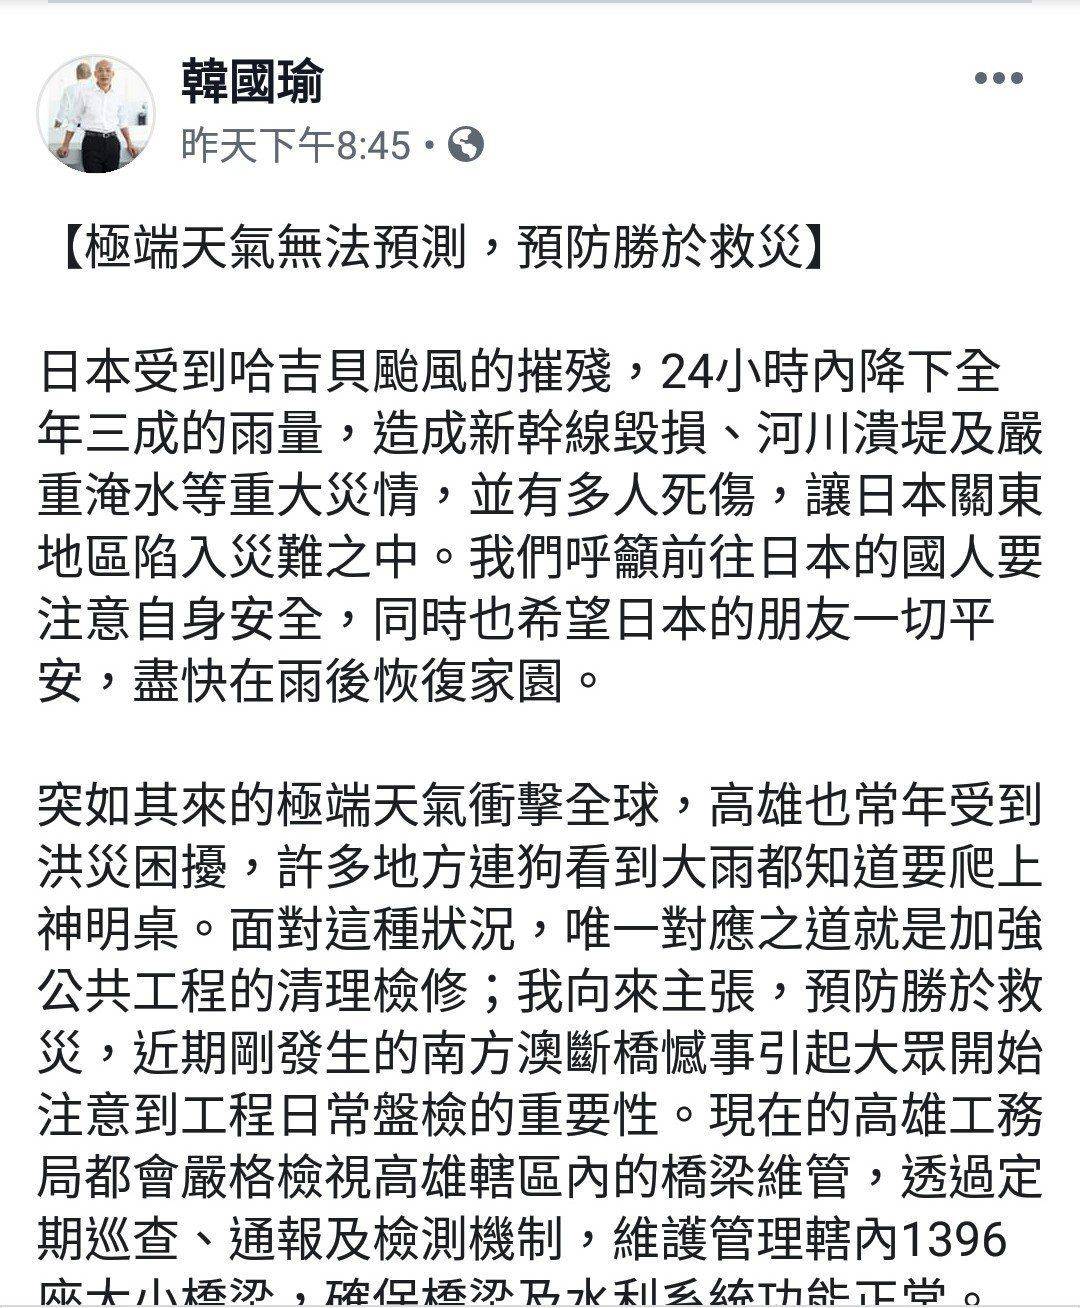 高雄市長韓國瑜致信慰問日本風災。圖/取自韓國瑜臉書